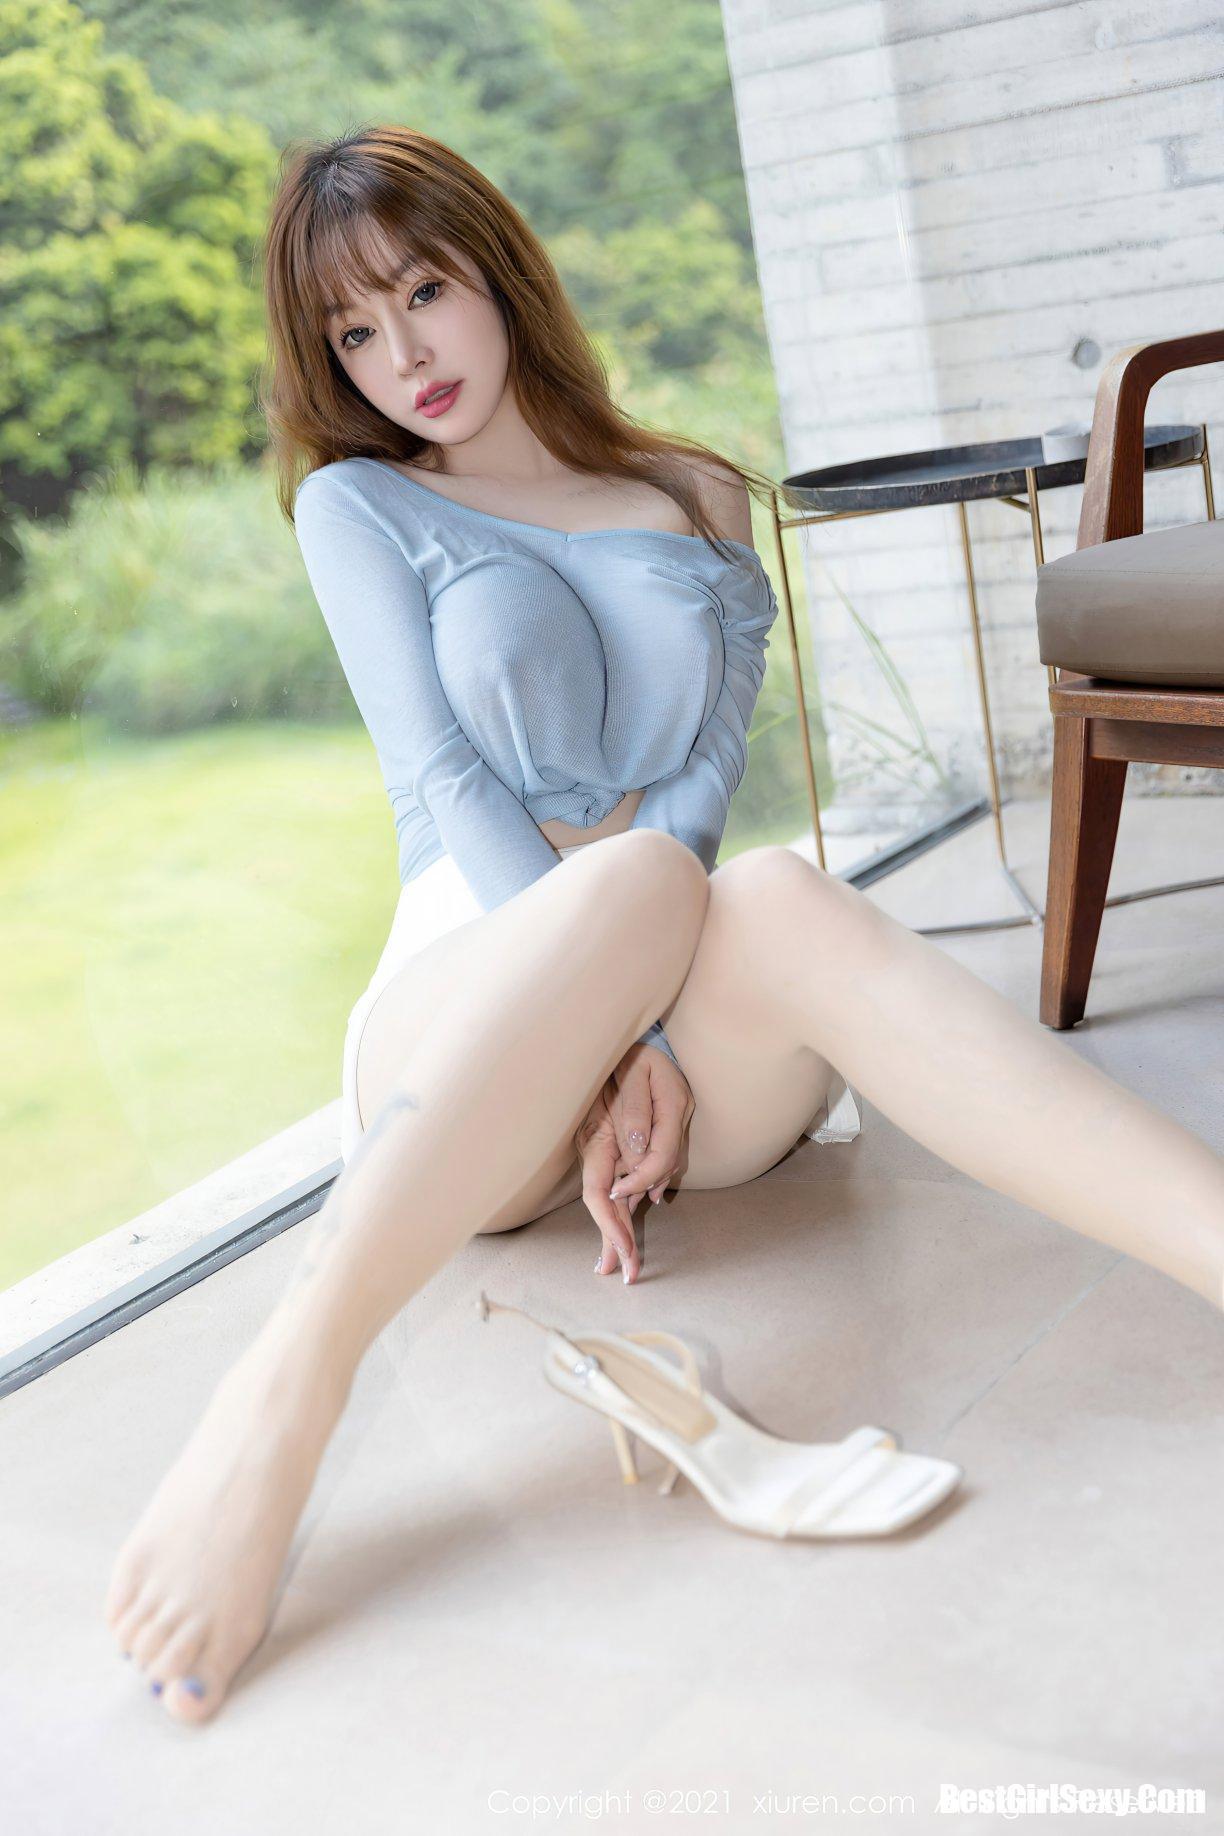 王雨纯, XiuRen秀人网 No.3782 Wang Yu Chun, XiuRen秀人网 No.3782, Wang Yu Chun